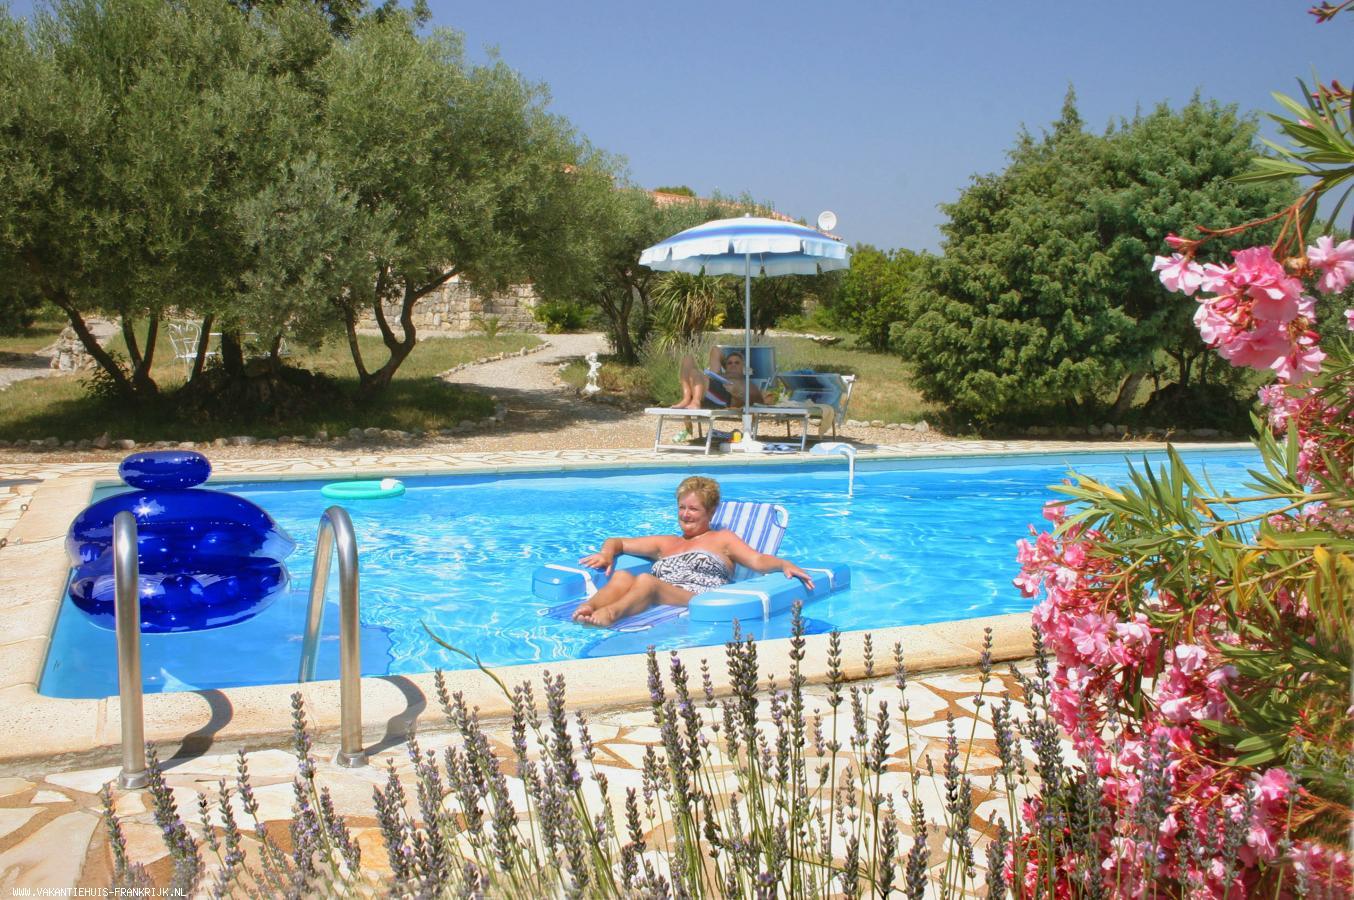 Vakantiehuis: In Provençaalse villa op 5000 tuin, luxe appartement, airco en Wifi, prachtig zwembad met Poolhouse en zomerkeuken, BBQ etc. te huur voor uw vakantie in Var (Frankrijk)